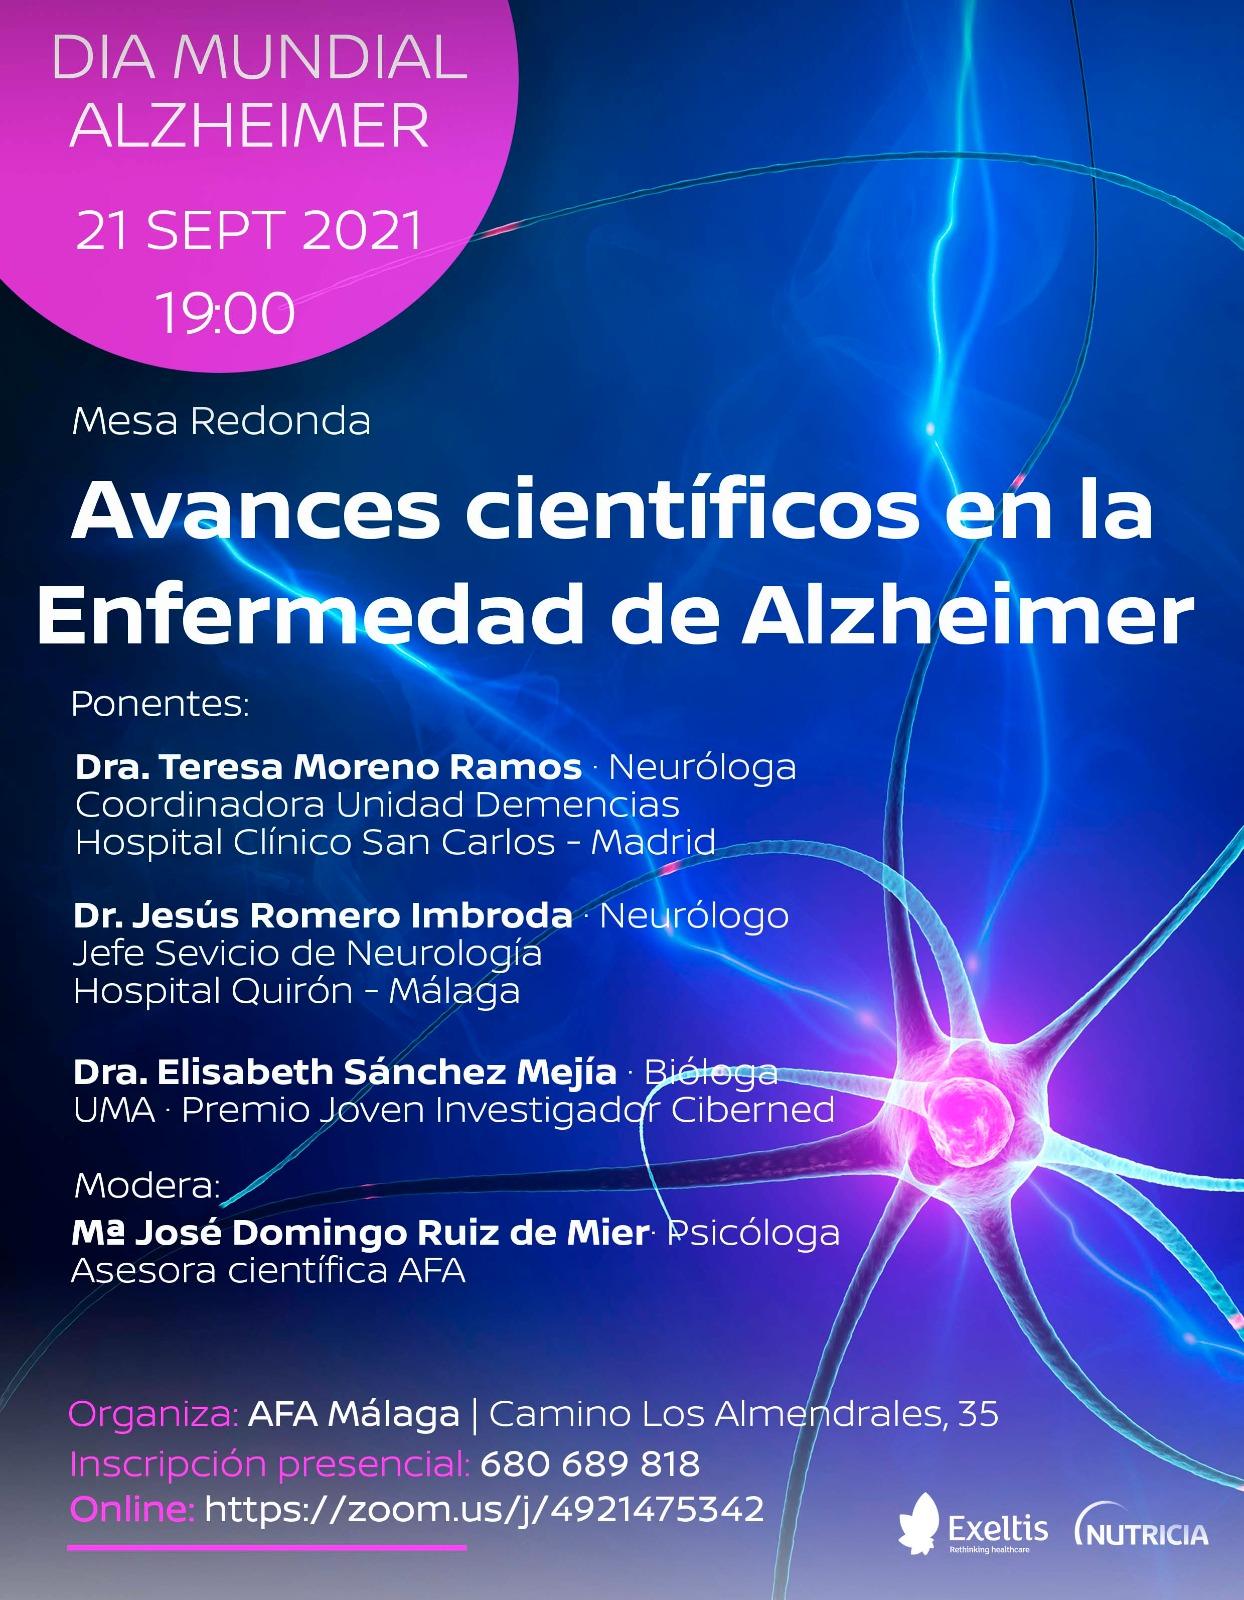 Avances científicos en la enfermedad Alzheimer